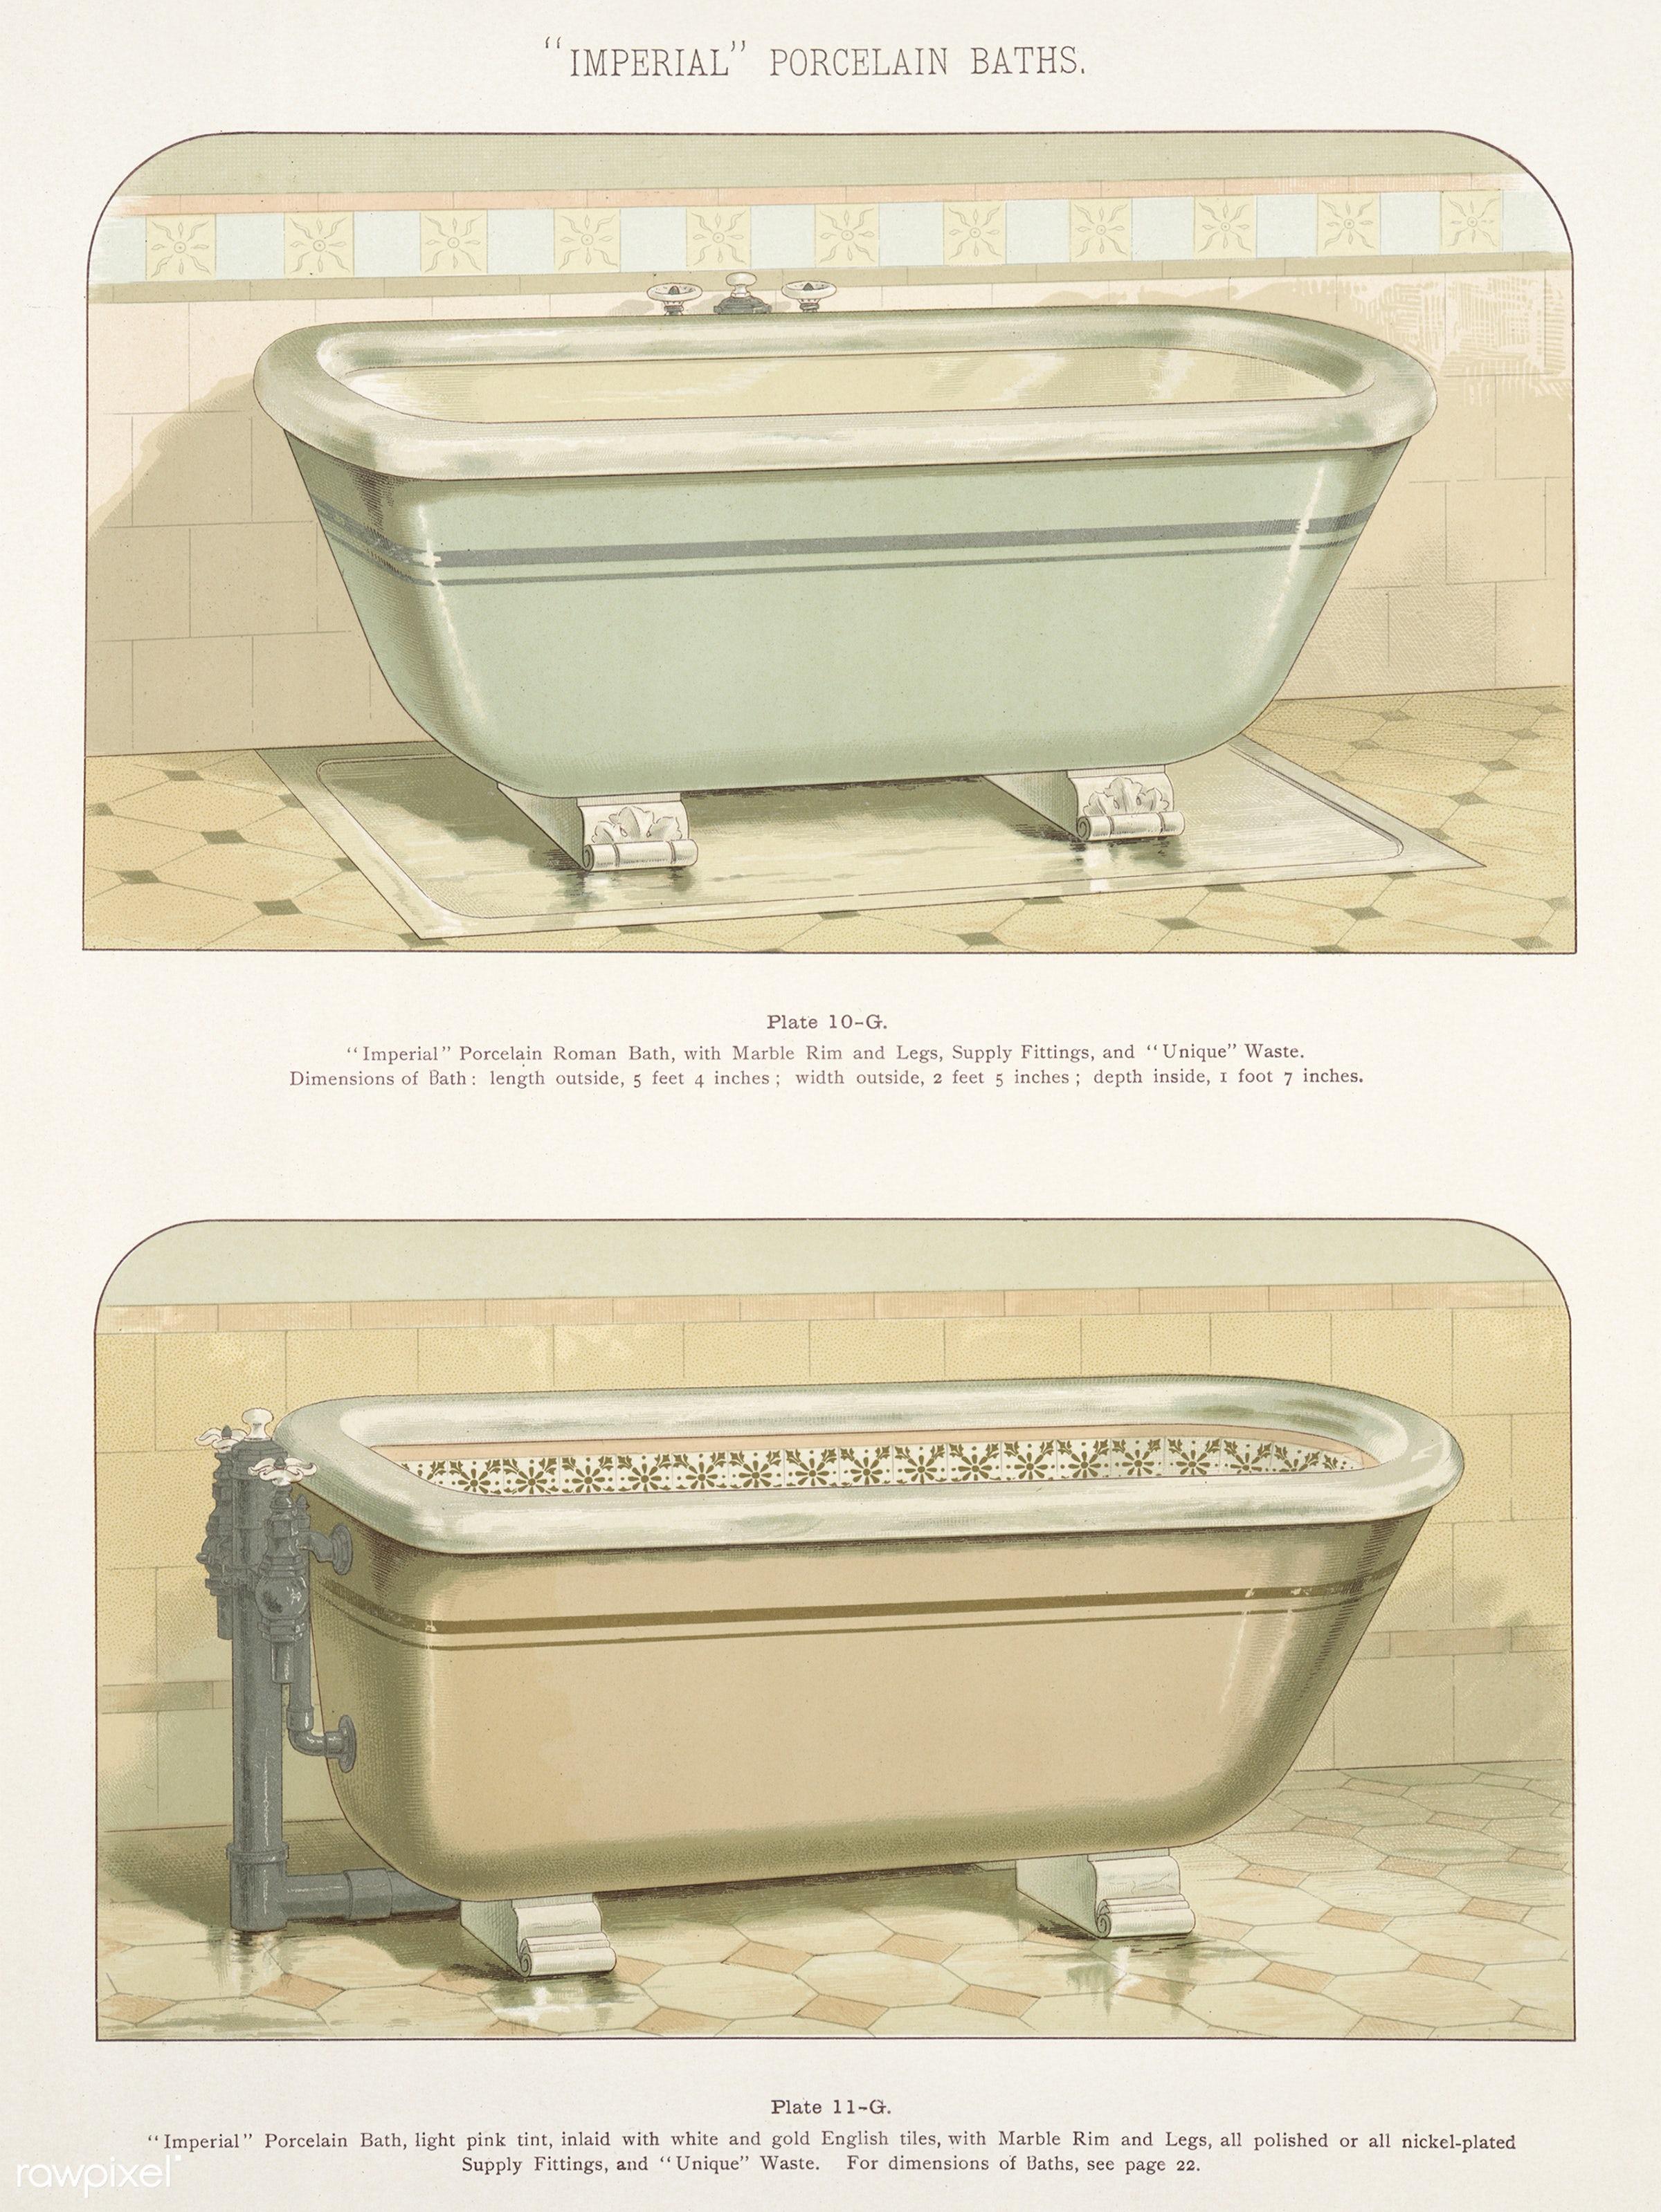 Vintage illustration of imperial porcelain baths published in 1888 by J.L. Mott Iron Works. - antique, artwork, bathroom,...